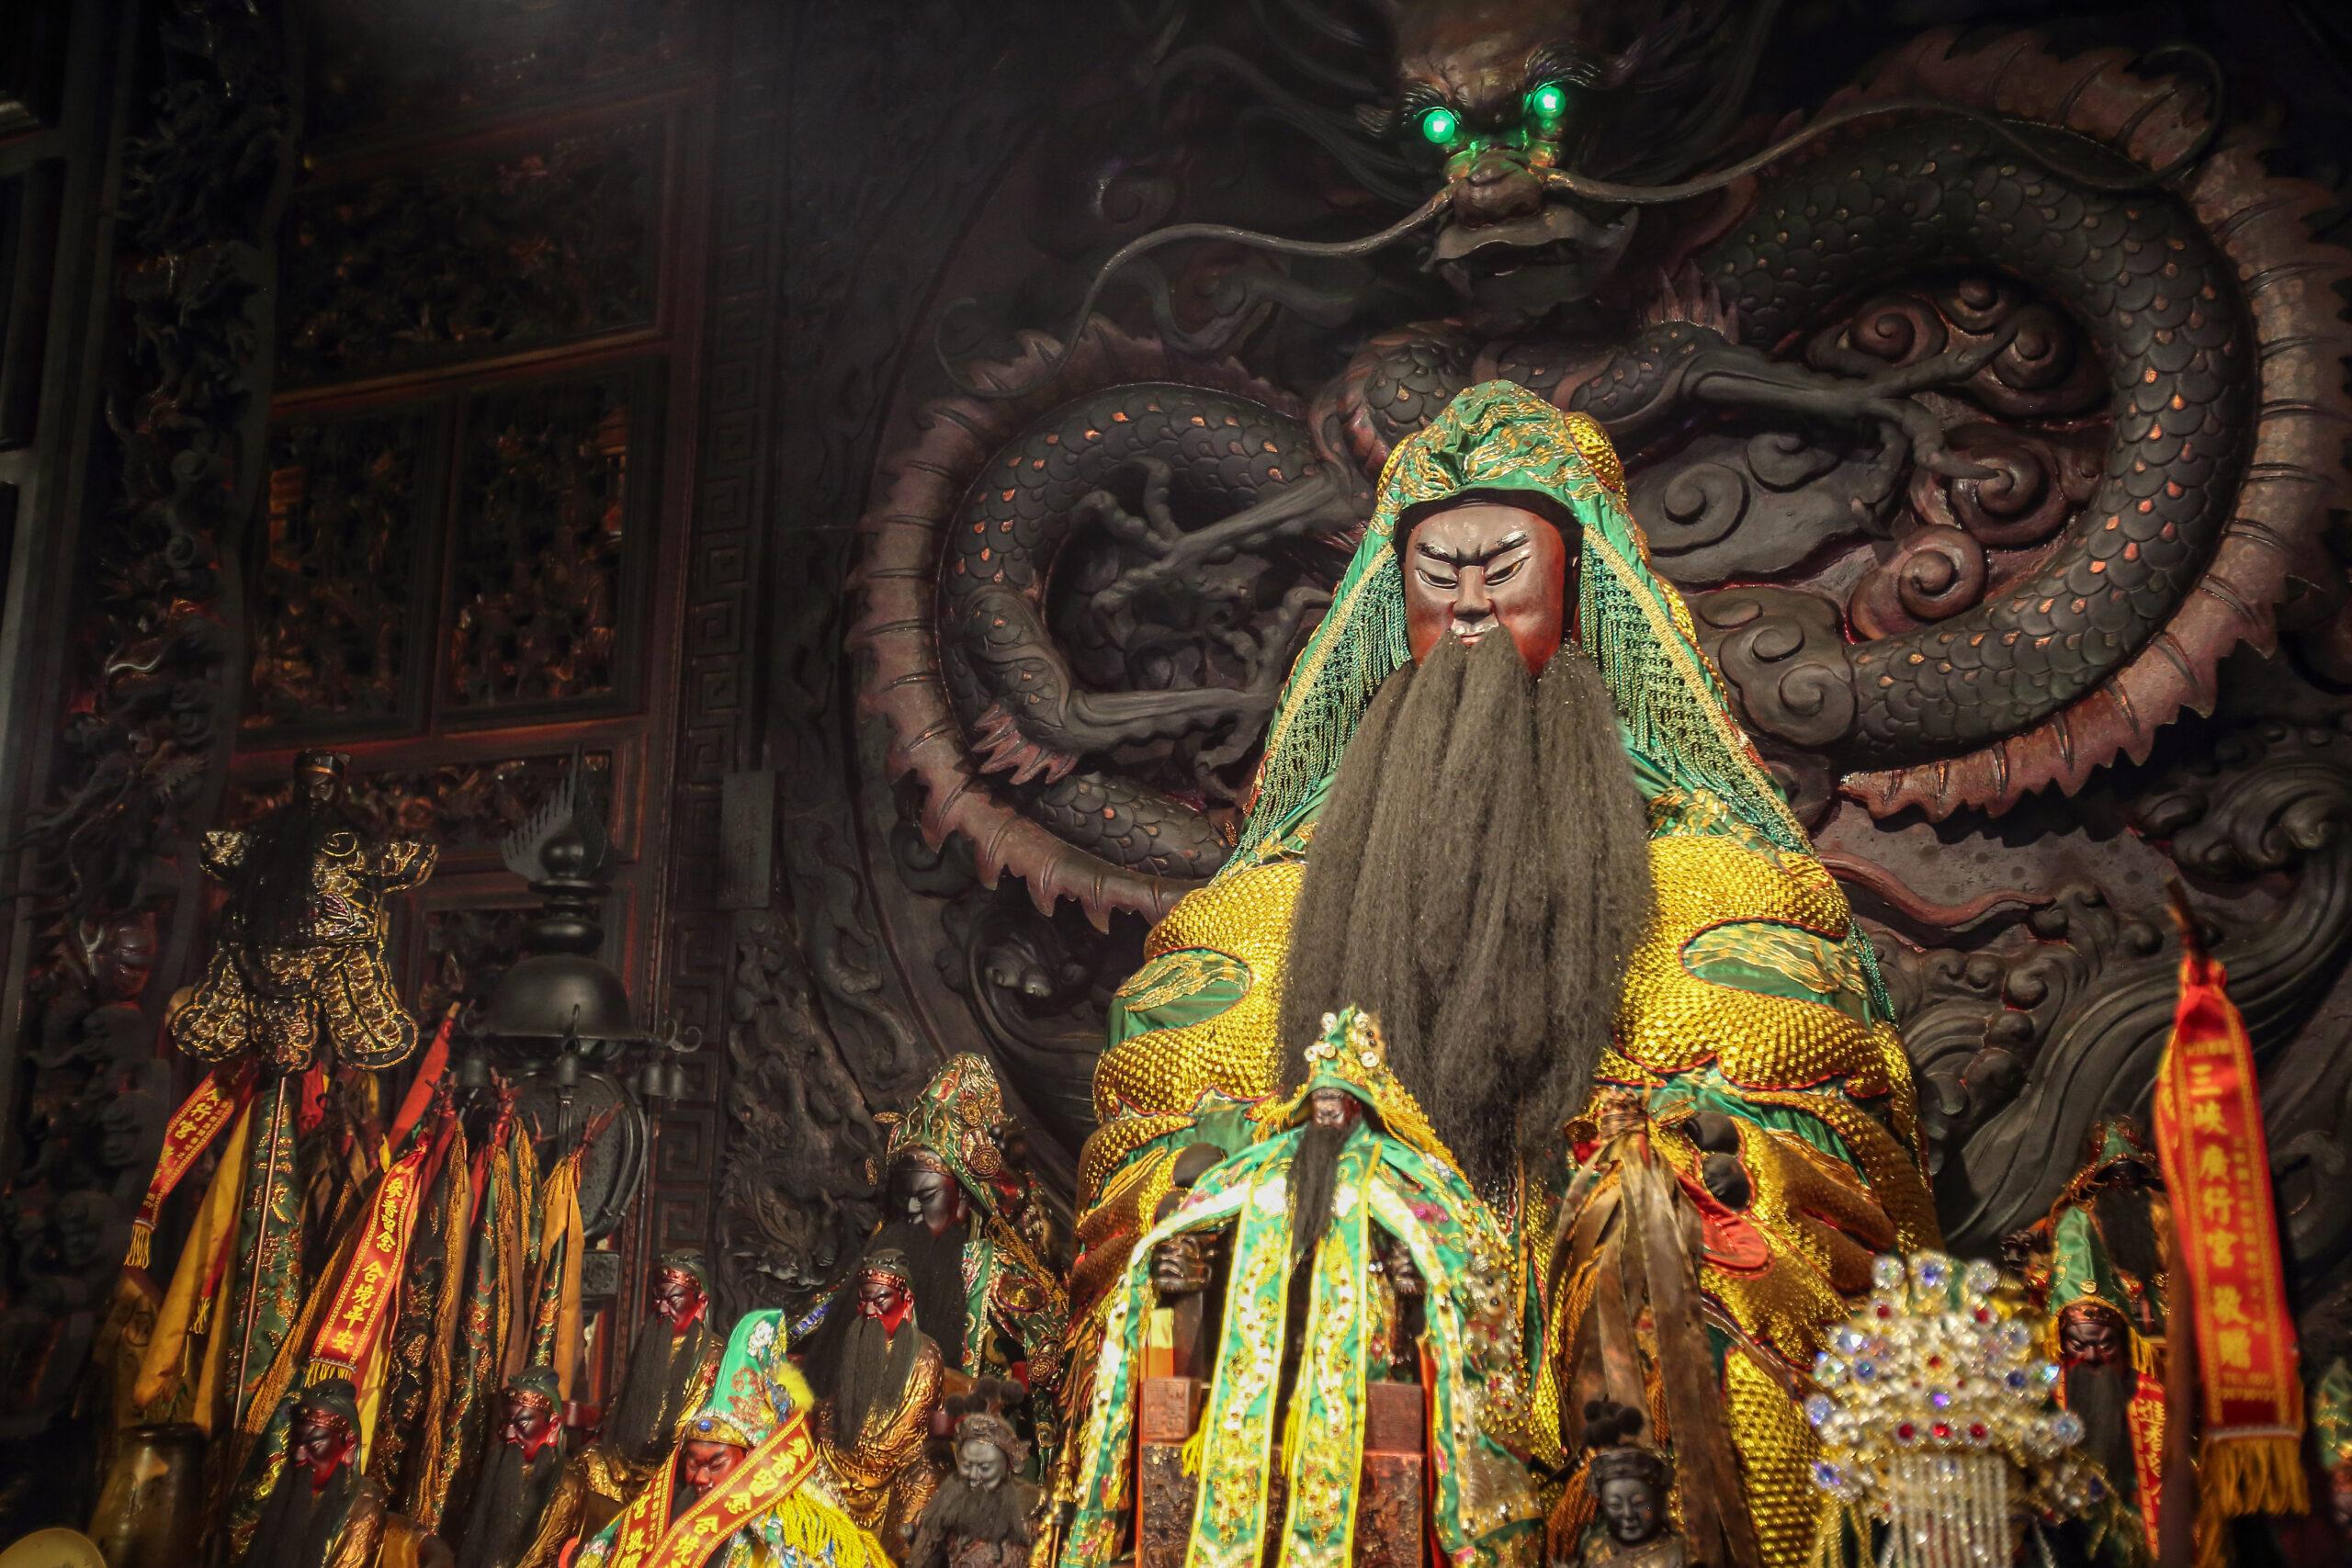 【有影】連假好去處!三峽廣行宮限定親子嘉年華 首邀POLI辦見面會